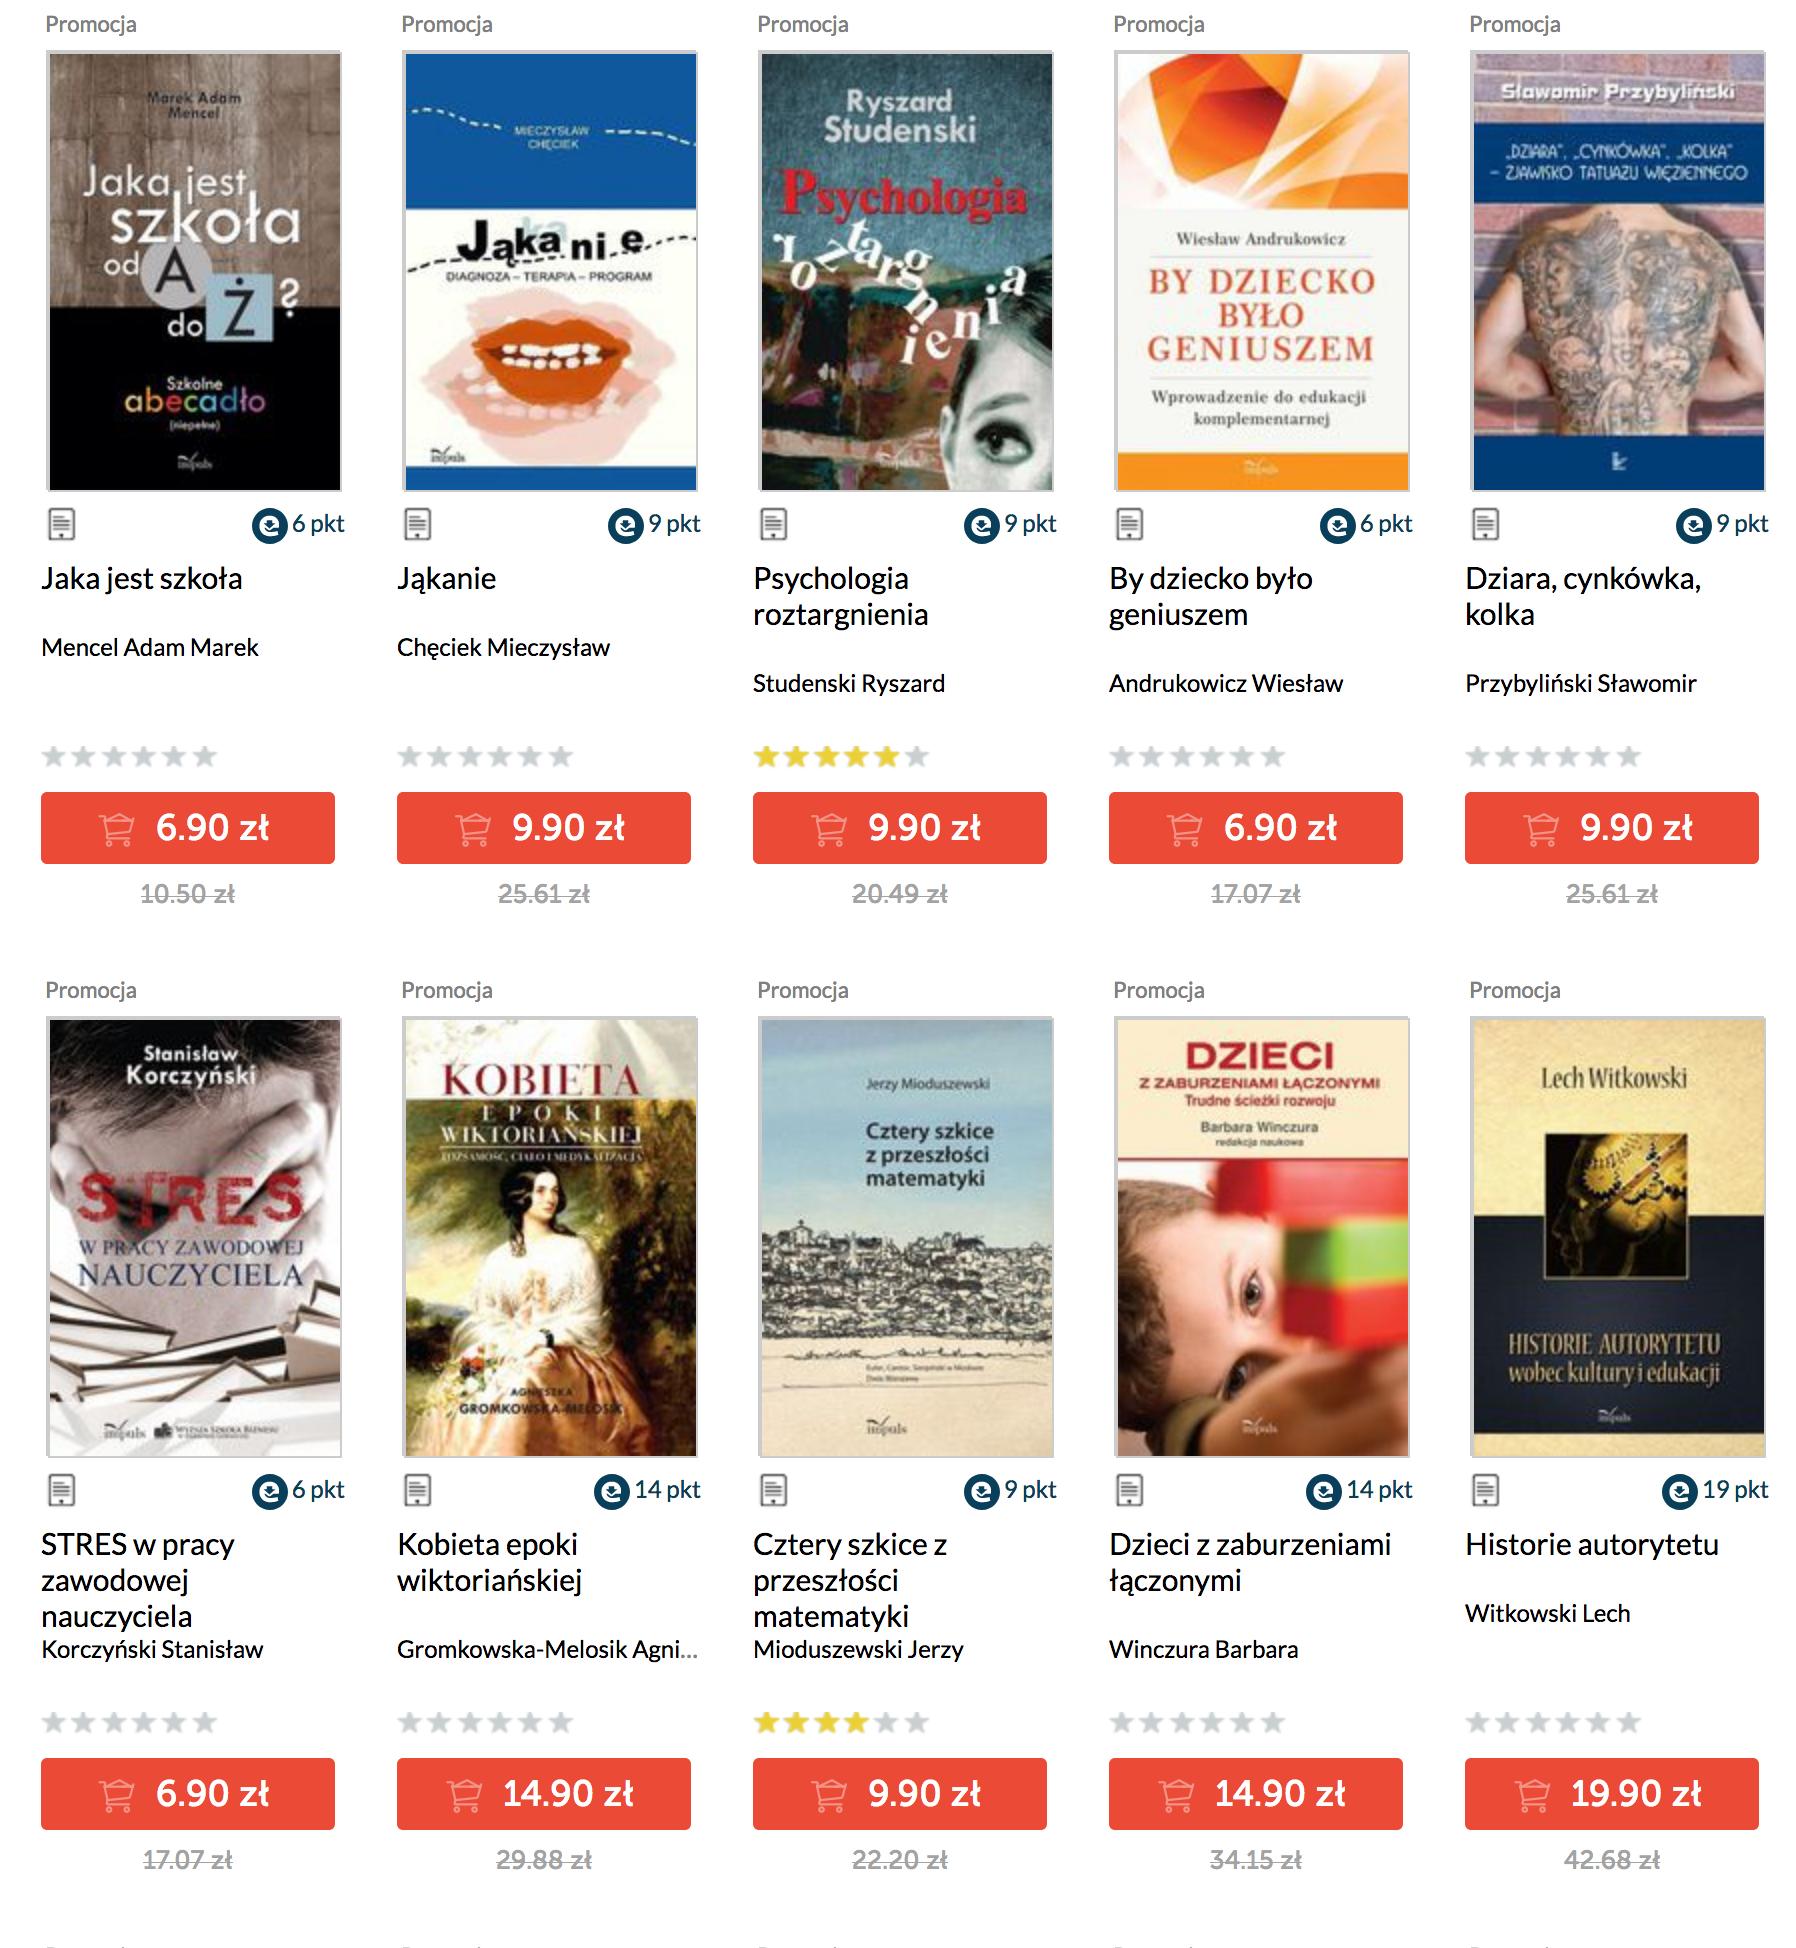 promocja e-book Impuls